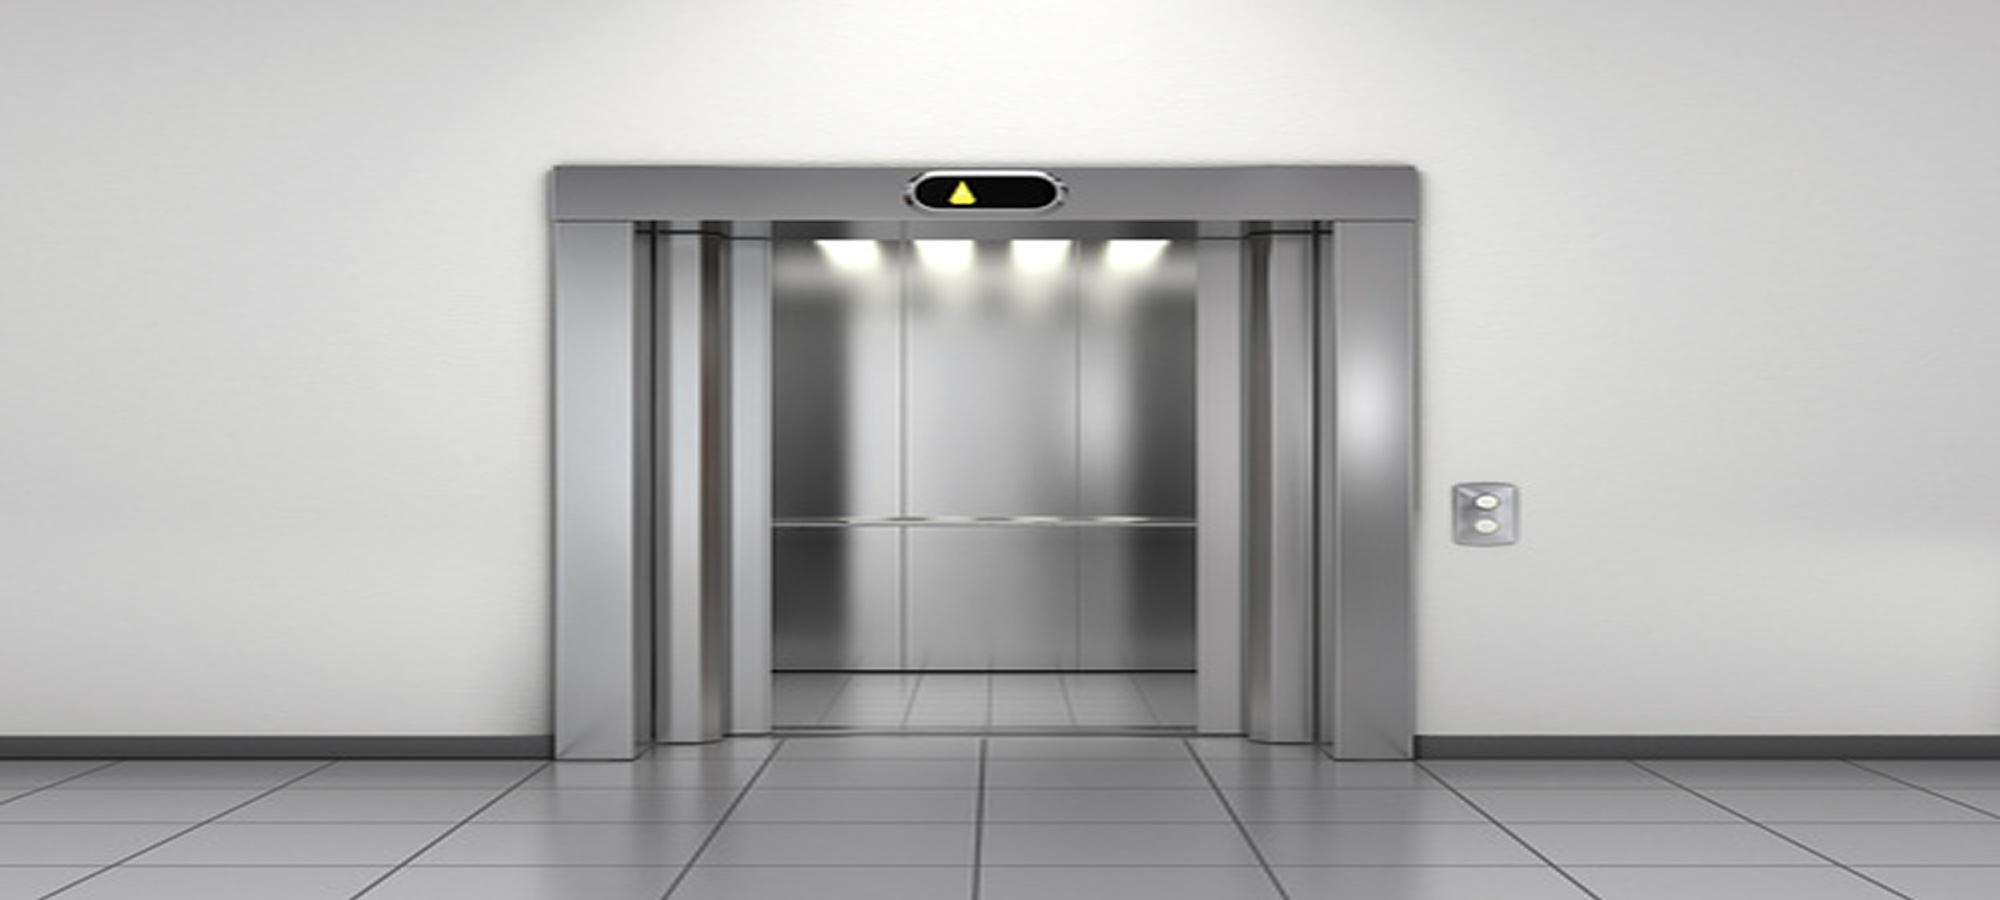 elevator_42622540_larger